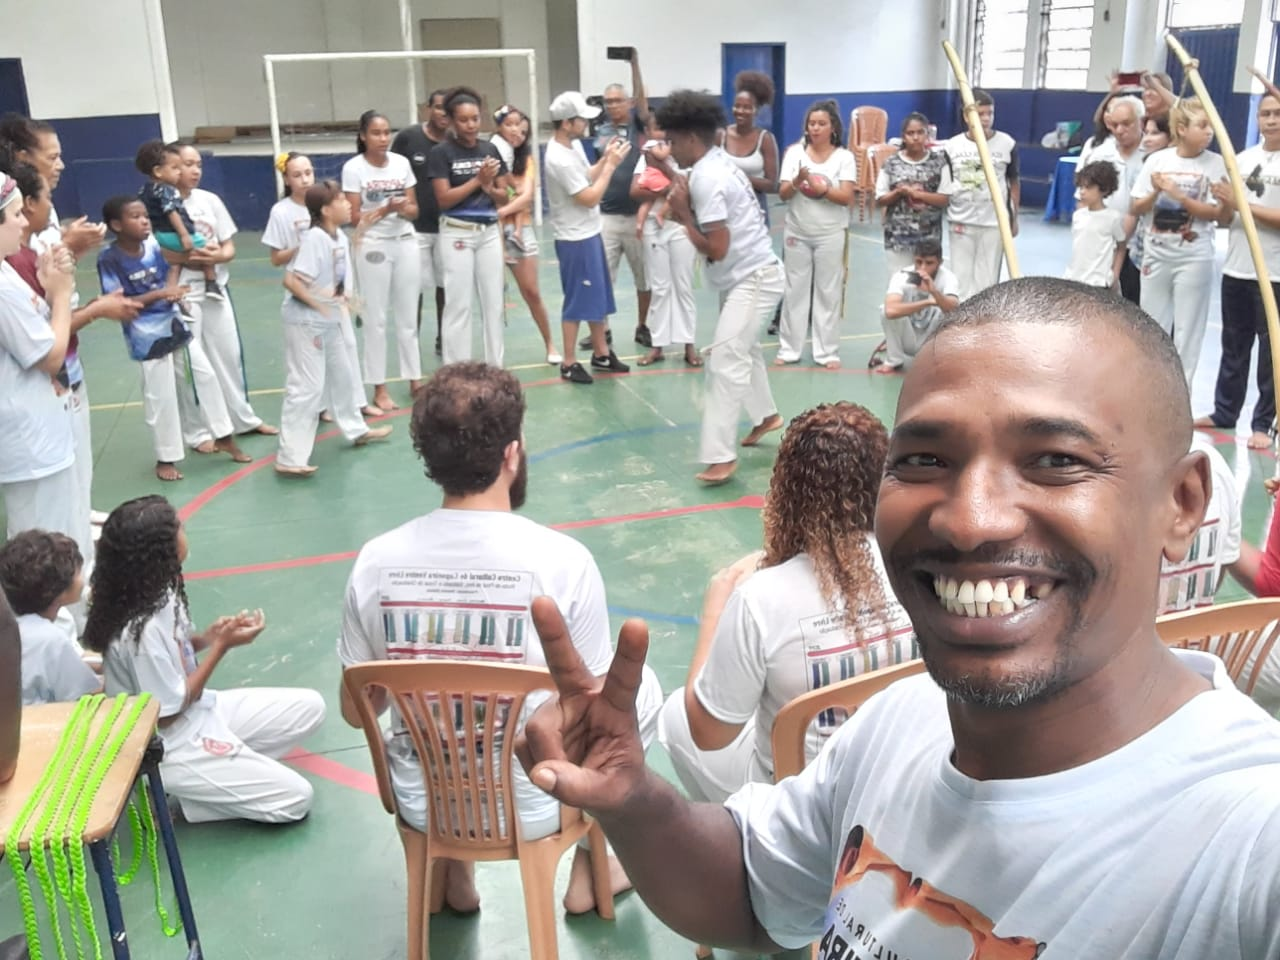 Professor busca parcerias para construir biblioteca comunitária no Morro da Providência